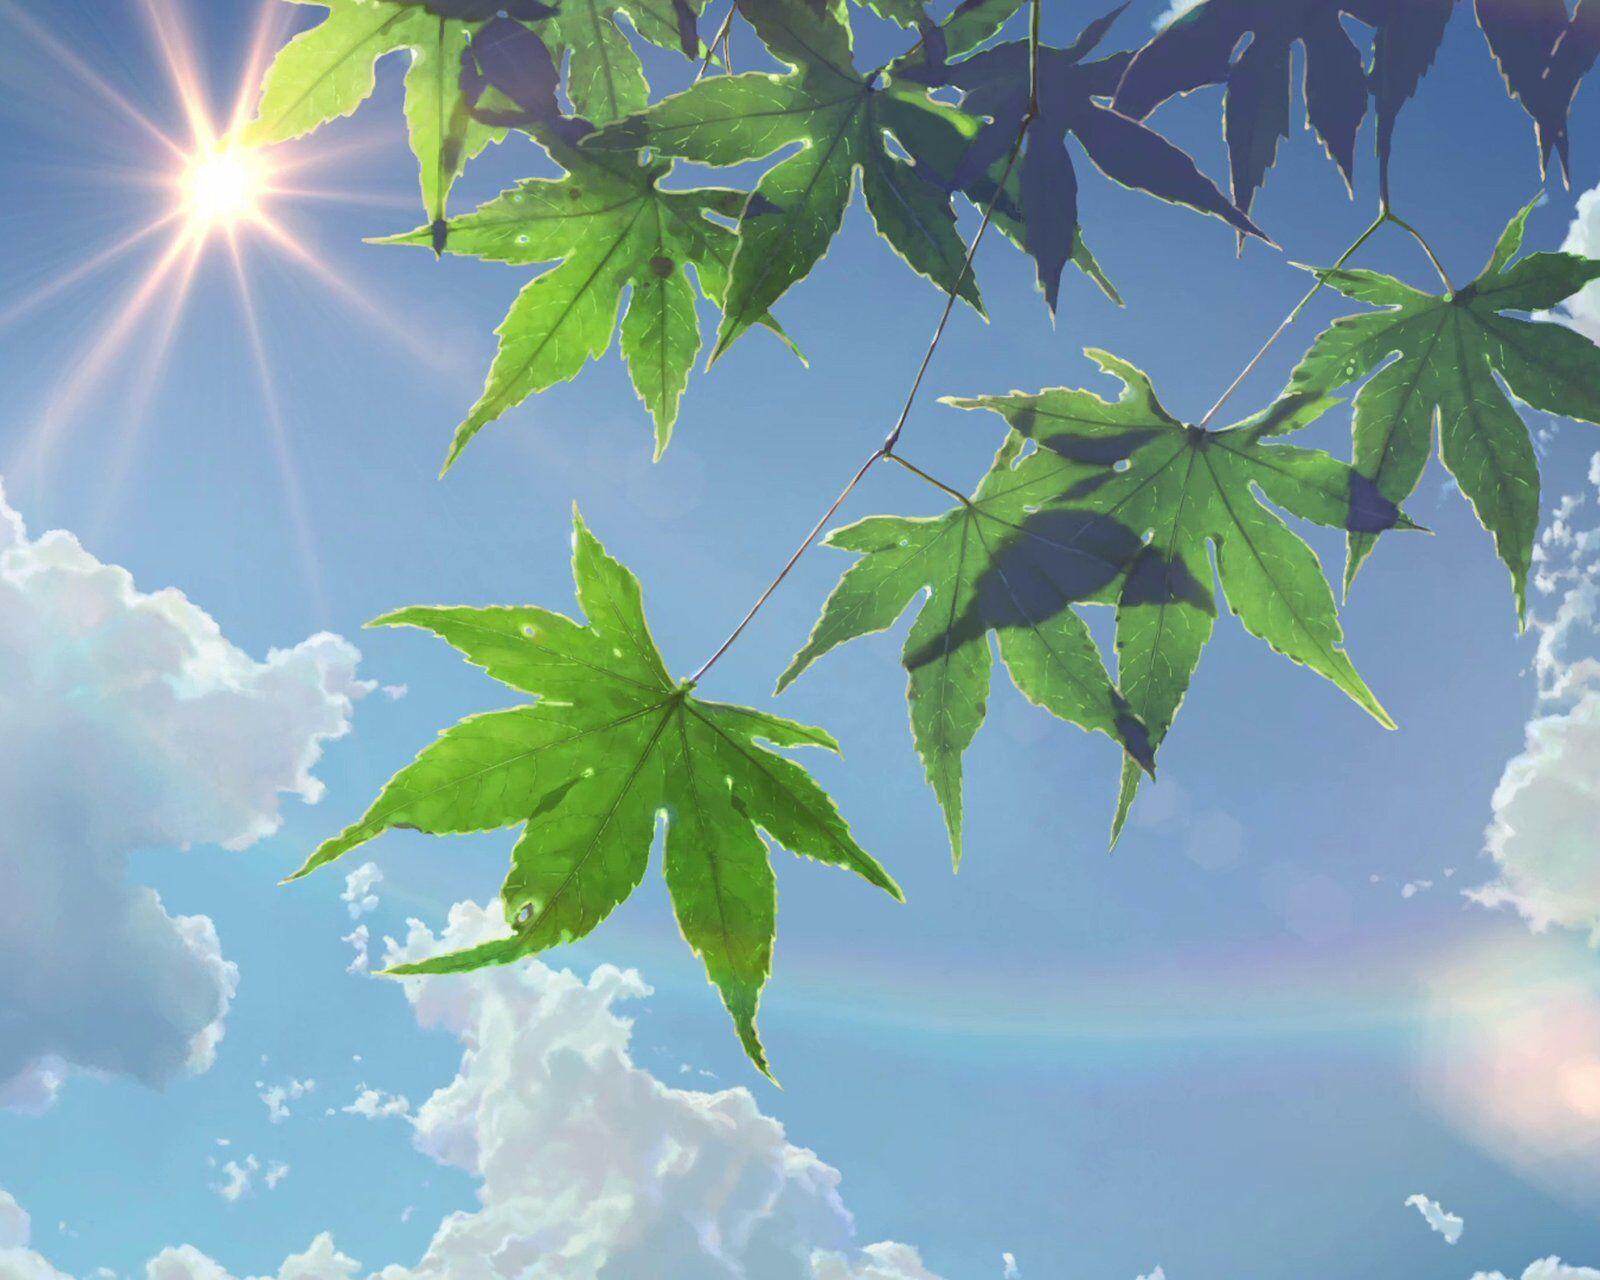 动态树叶图片大全大图